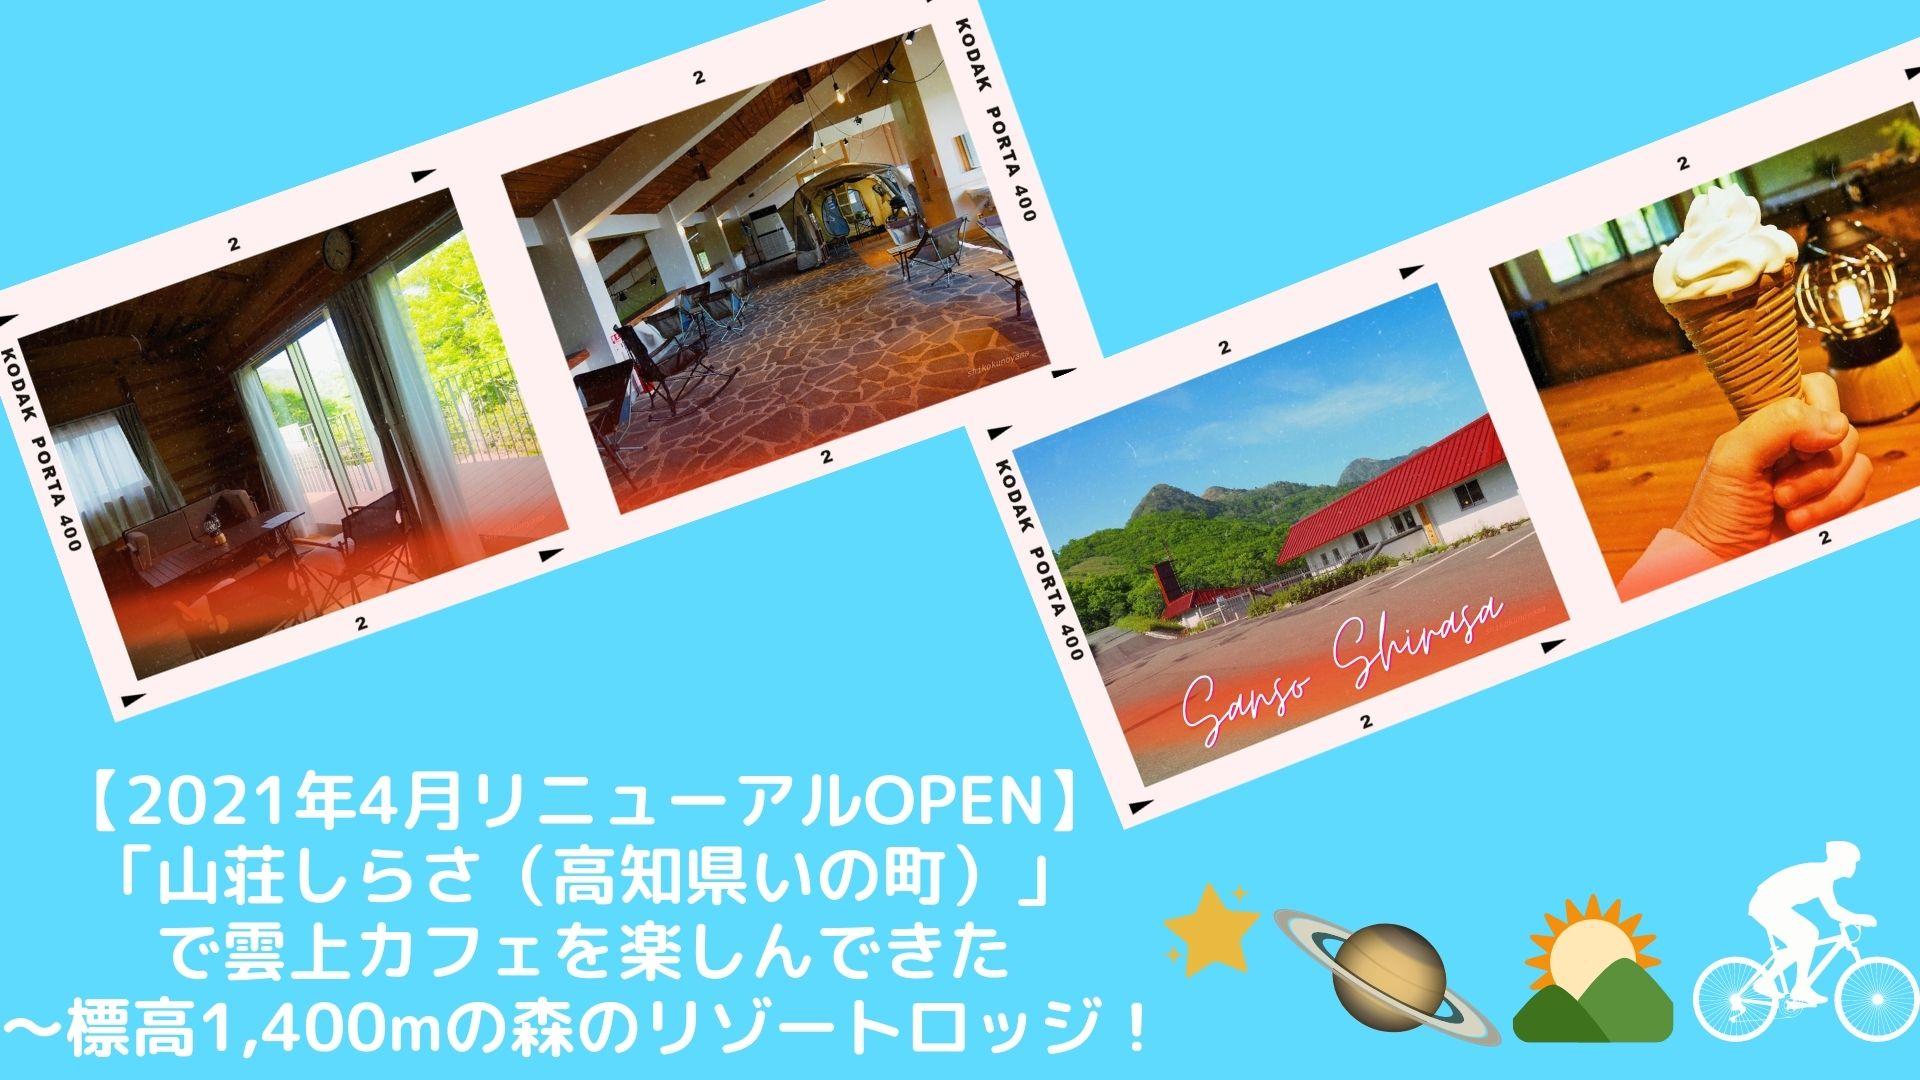 【2021年4月リニューアルOPEN】「山荘しらさ(高知県いの町)」で雲上カフェを楽しんできた〜標高1,400mの森のリゾートロッジ!